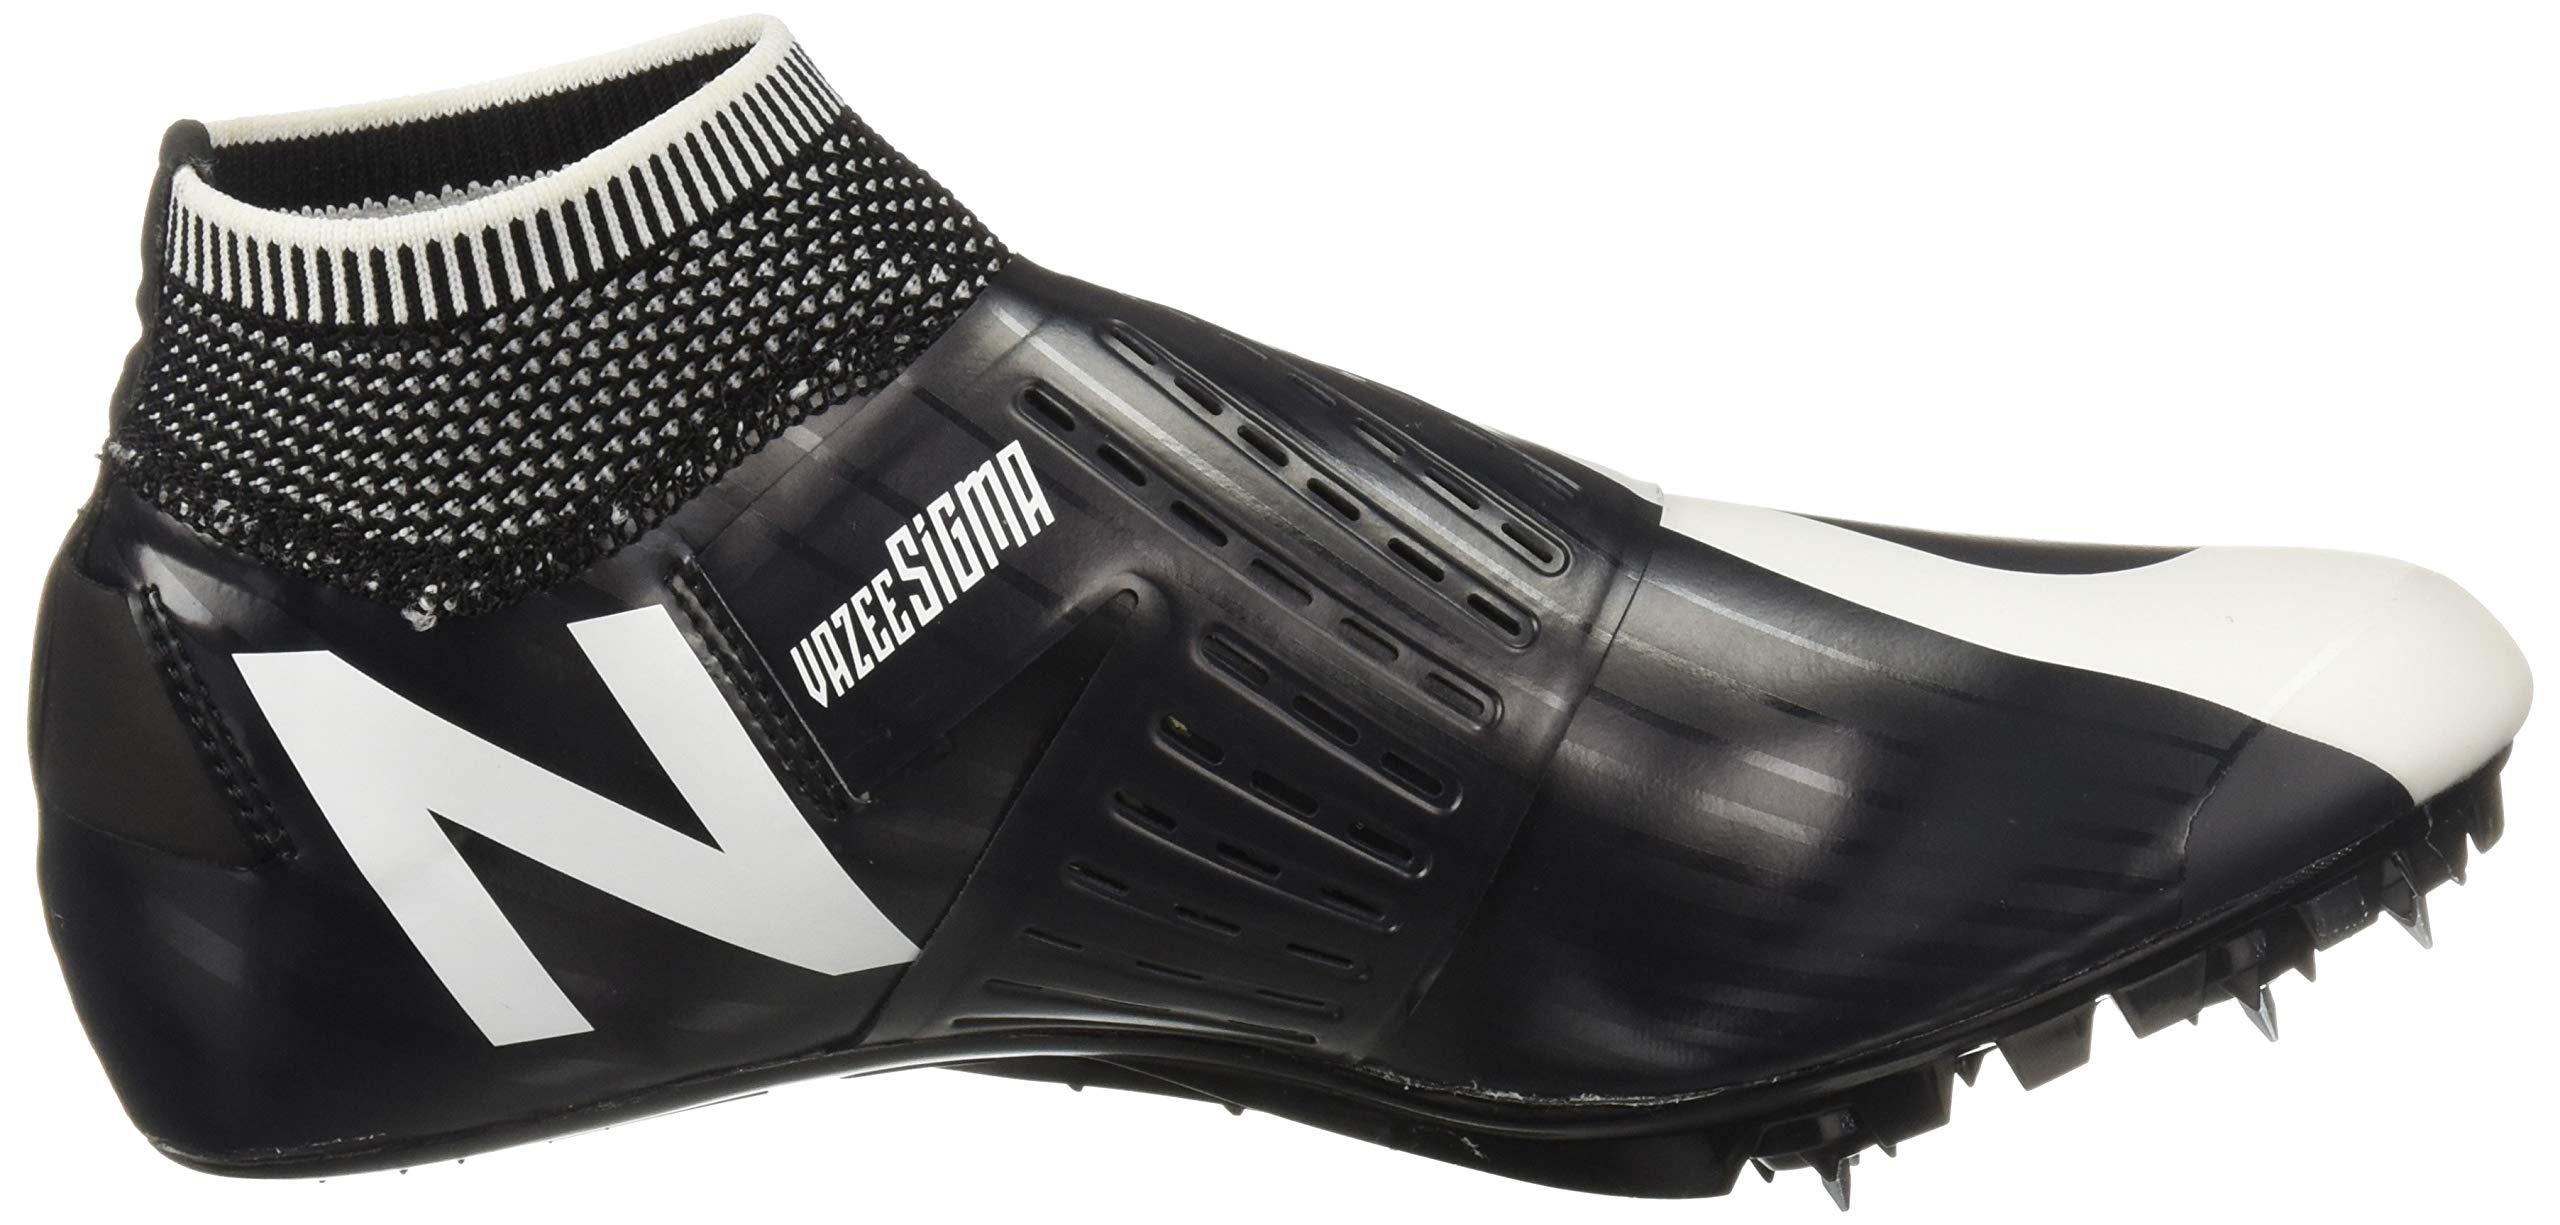 New Balance Men's Sigma V2 Vazee Track Shoe White/Black 4 D US by New Balance (Image #7)